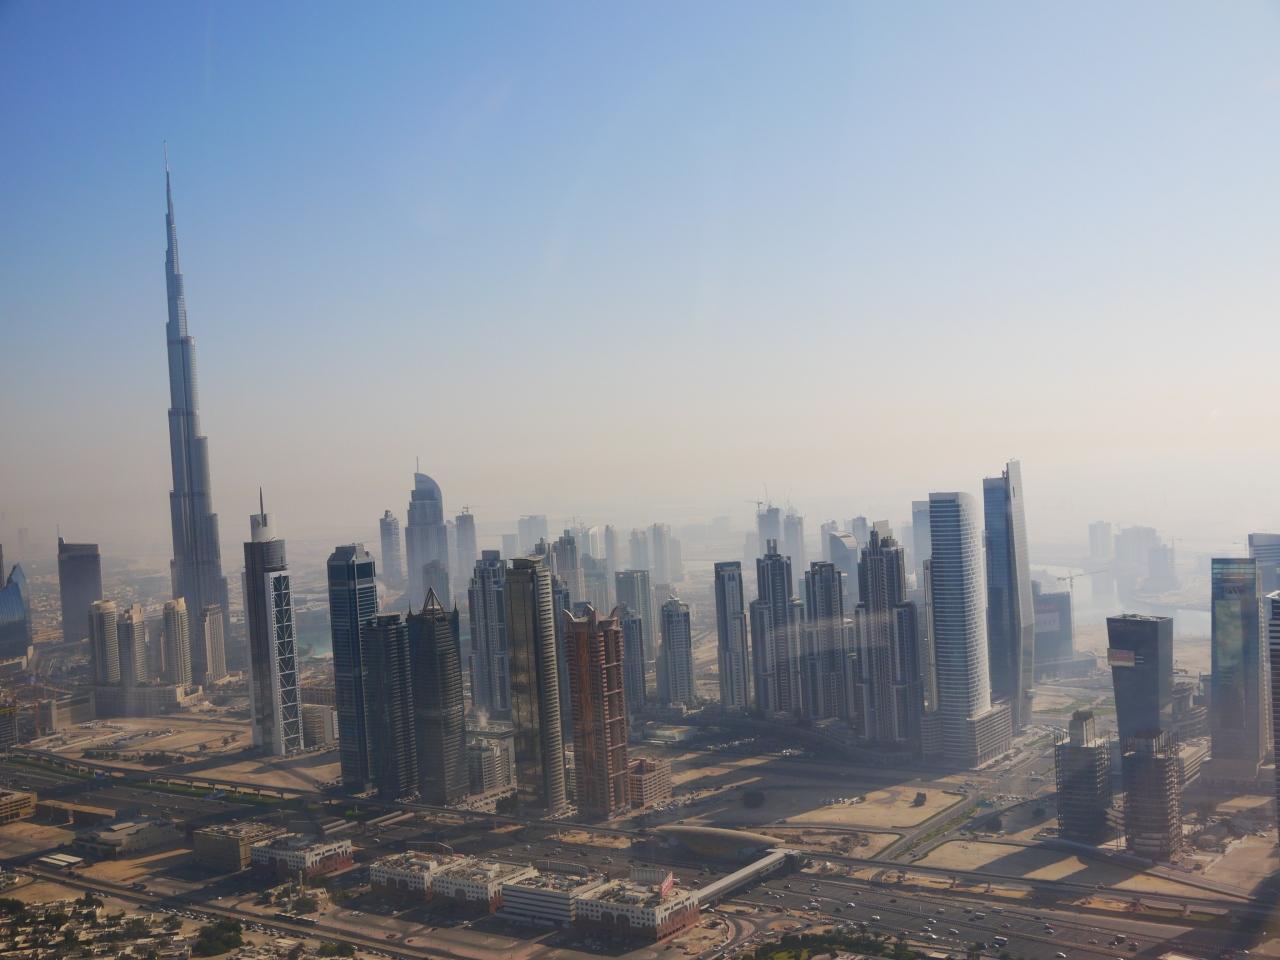 ドバイの高層ビル群は凄いけど、\u003cbr /\u003e遠くから見